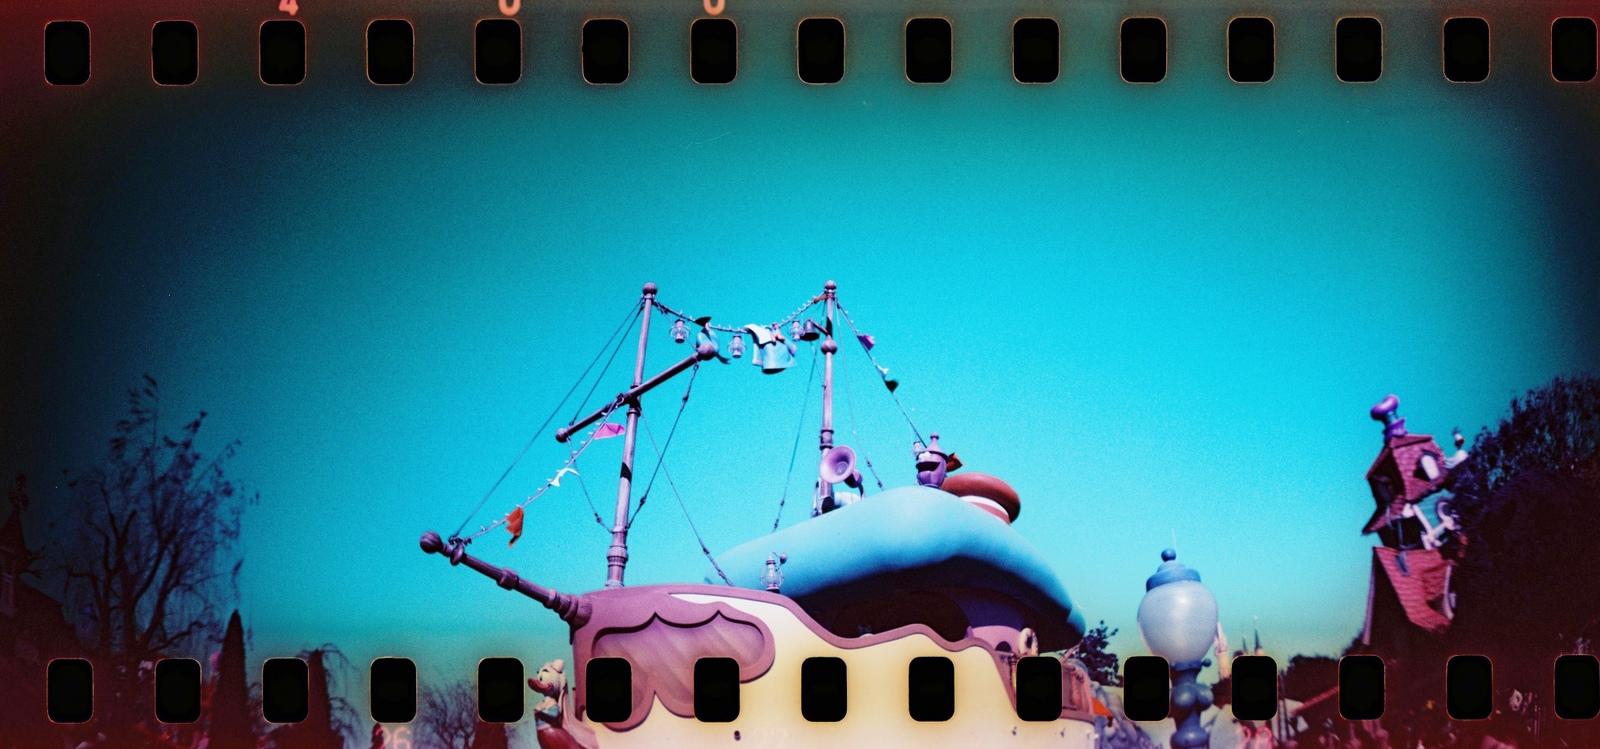 000006 Lomo Sprokle Rocket X LomoChrome Purple XR.JPG